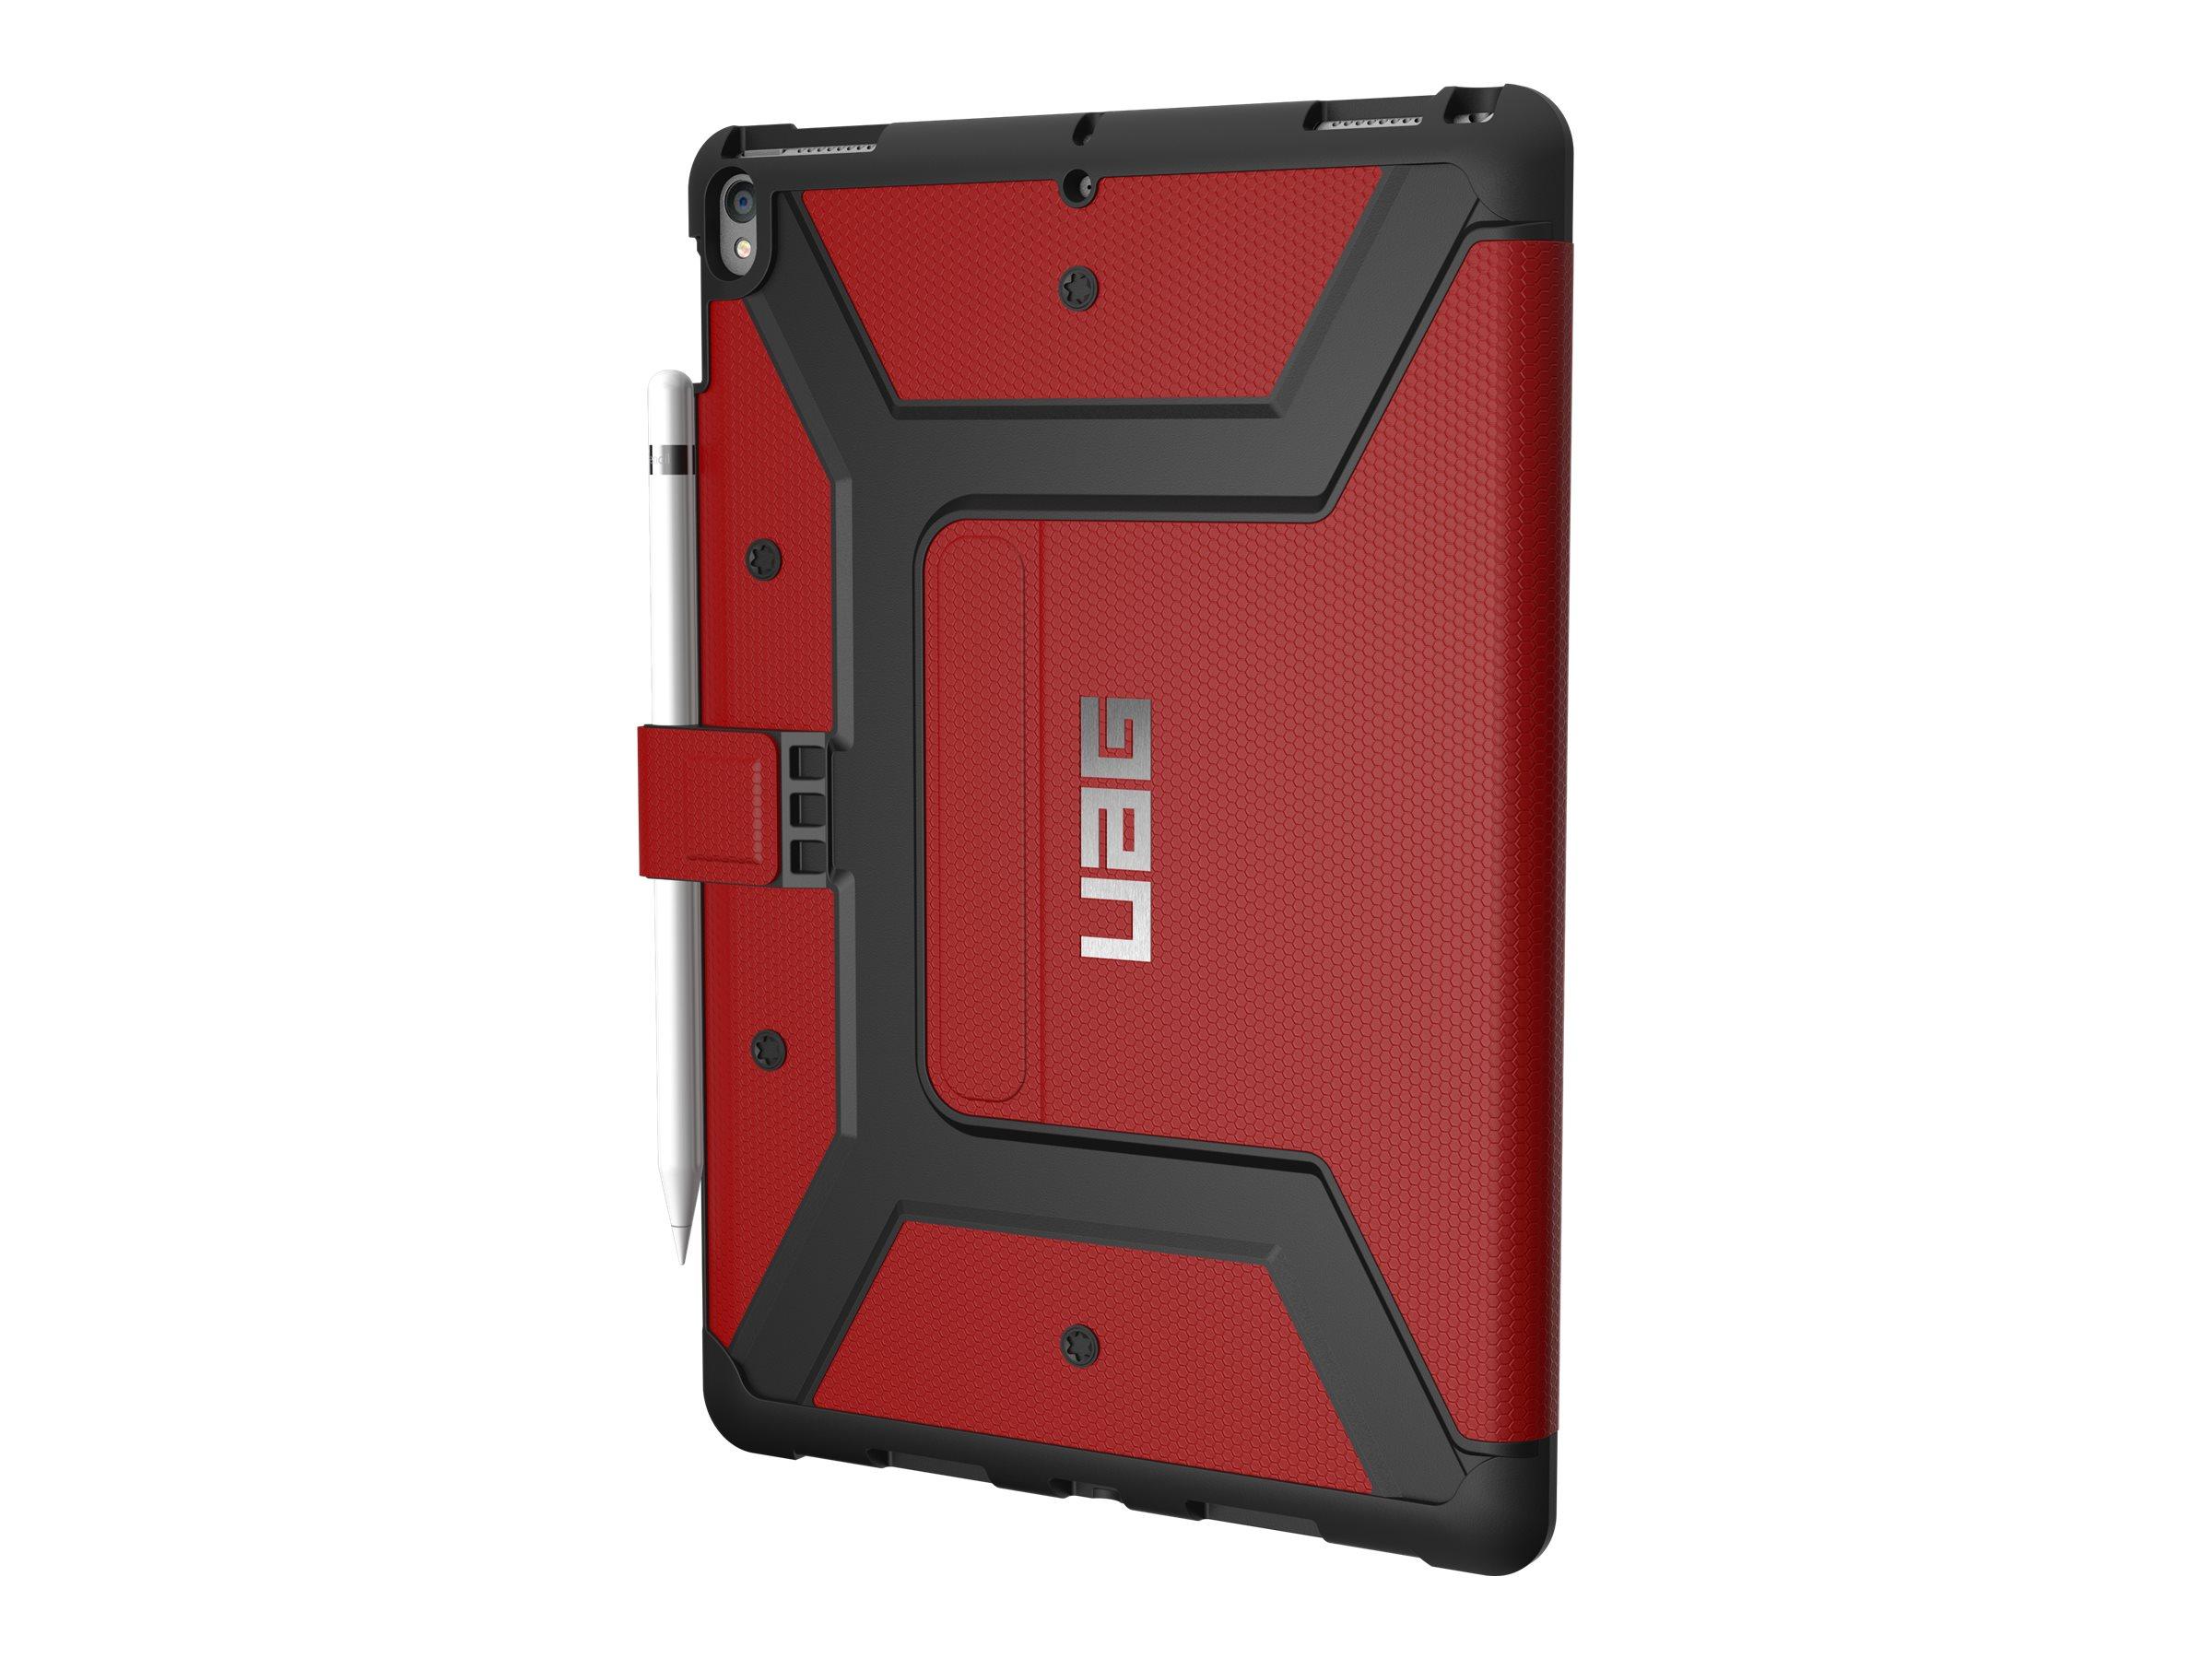 UAG Rugged Case for iPad Pro 10.5-inch - Tasche für Tablet - widerstandsfähig - Magma - für Apple 10.5-inch iPad Pro